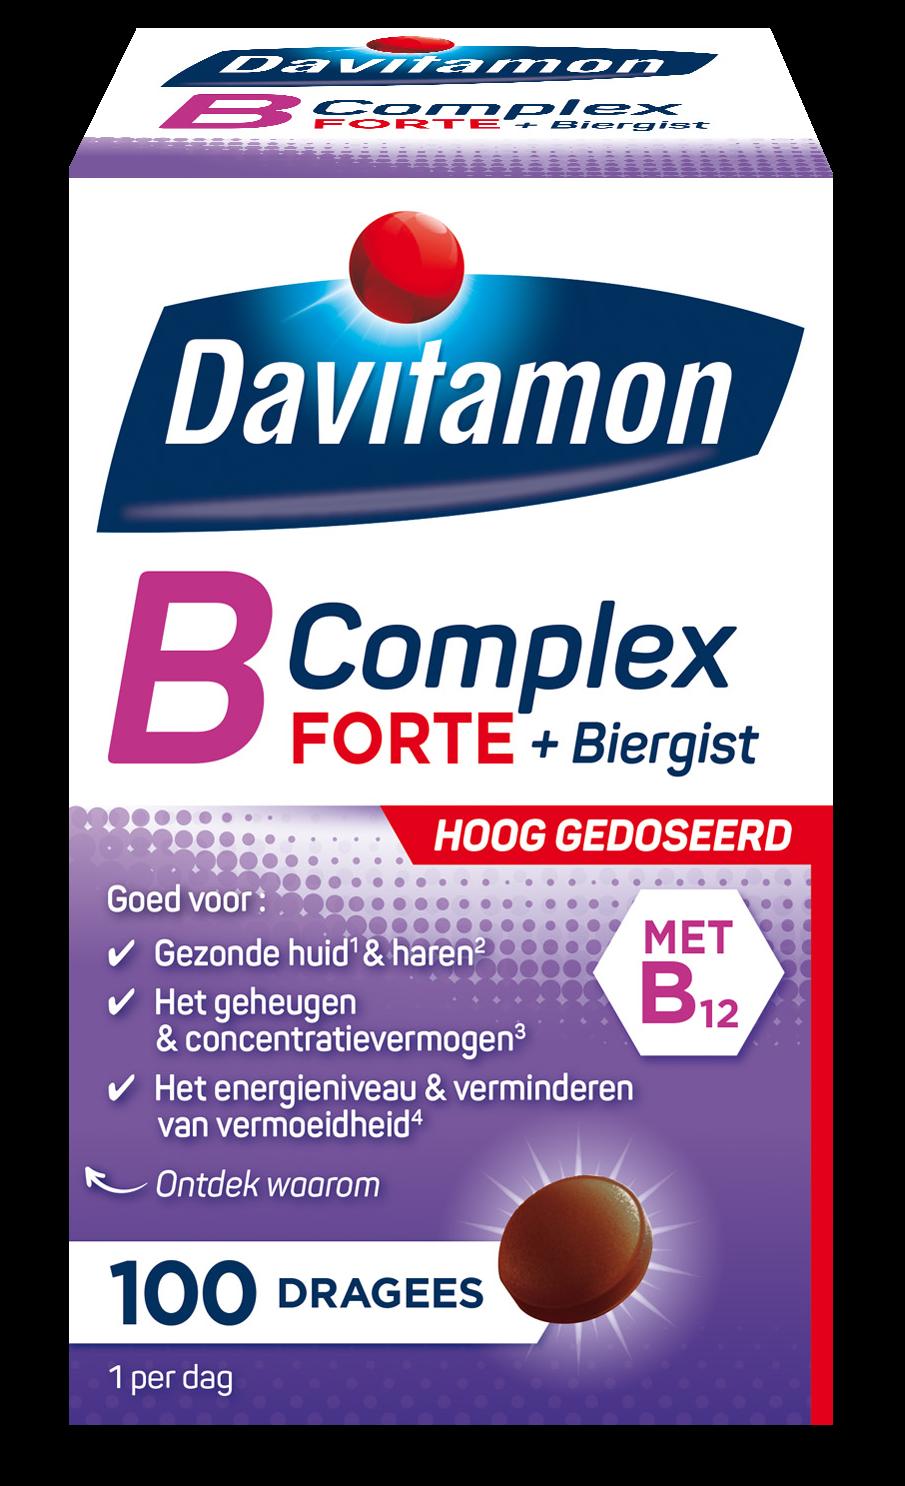 biergist vitamine b12